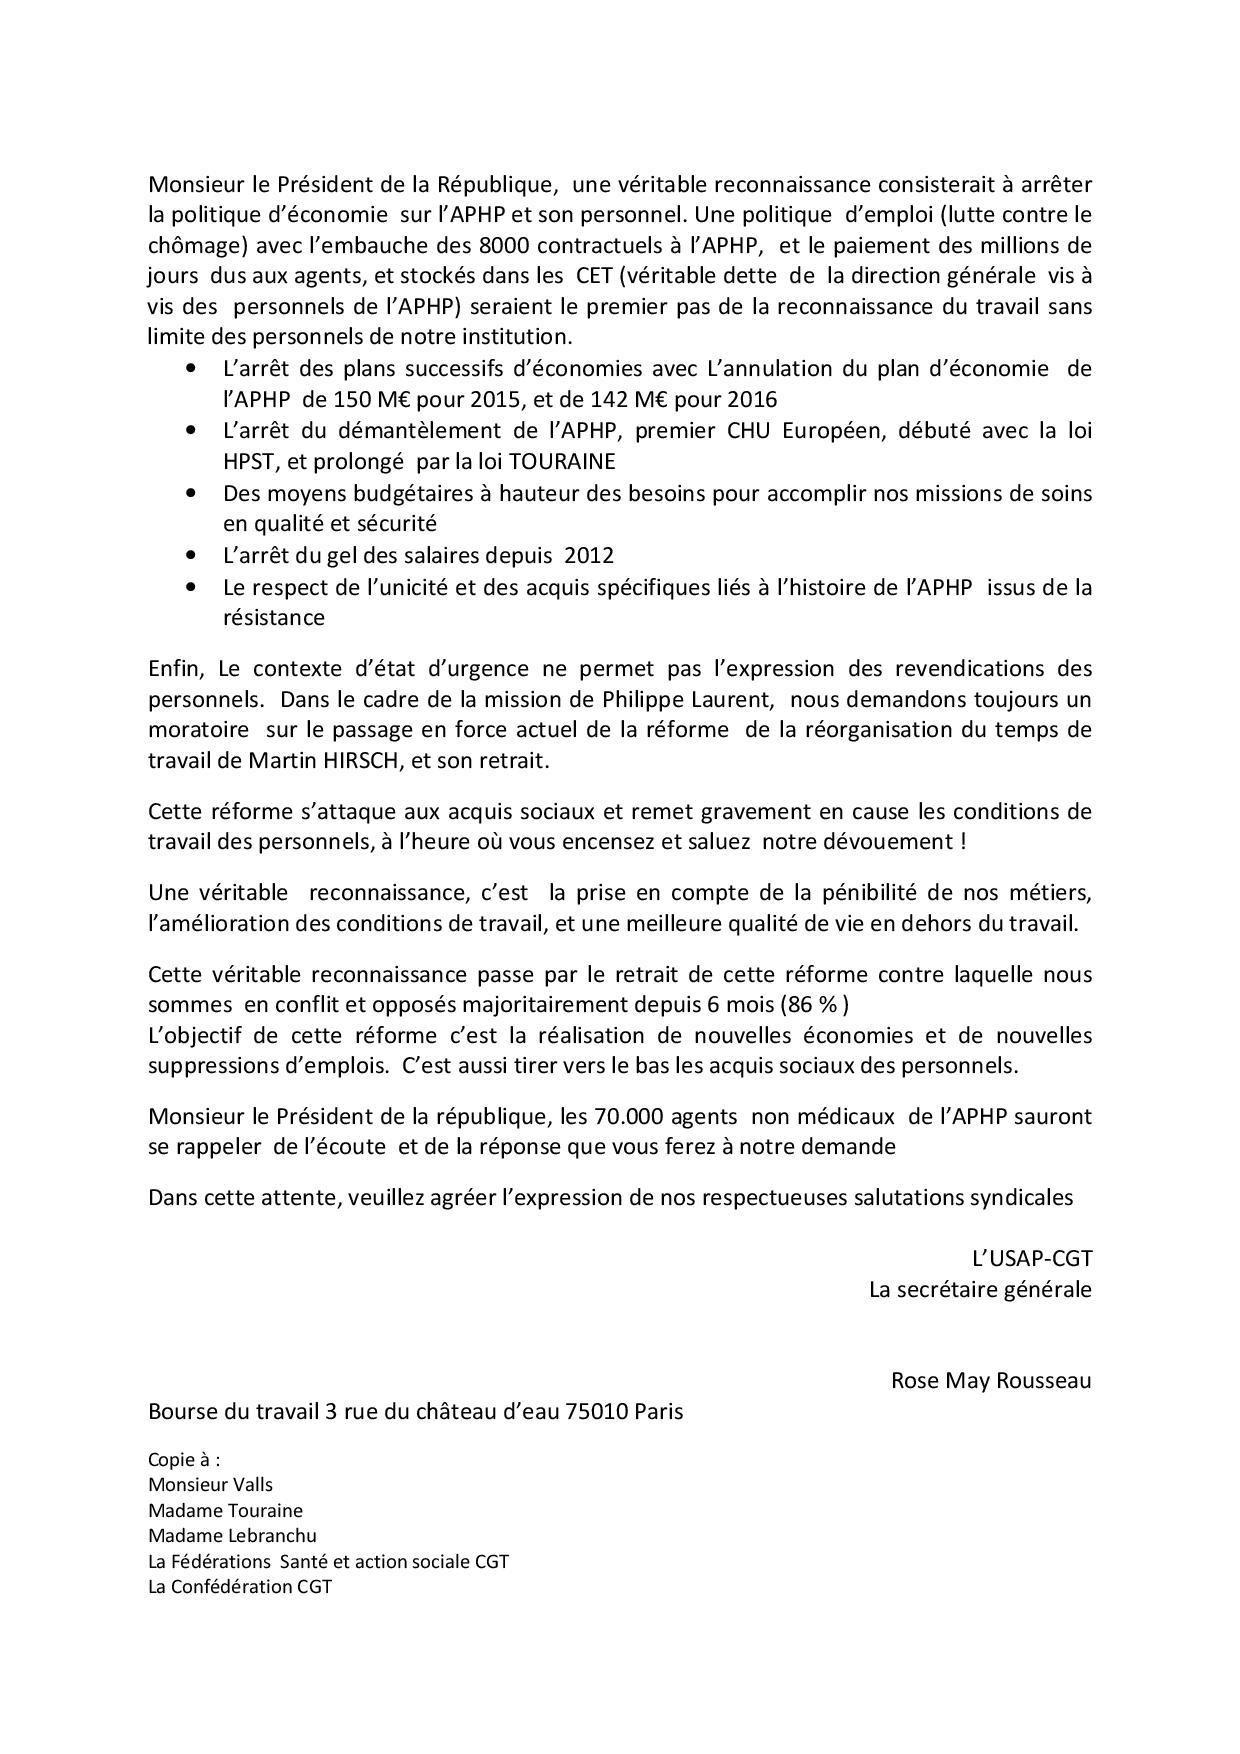 lettre ouverte USAP CGT au Président de la République-page-002